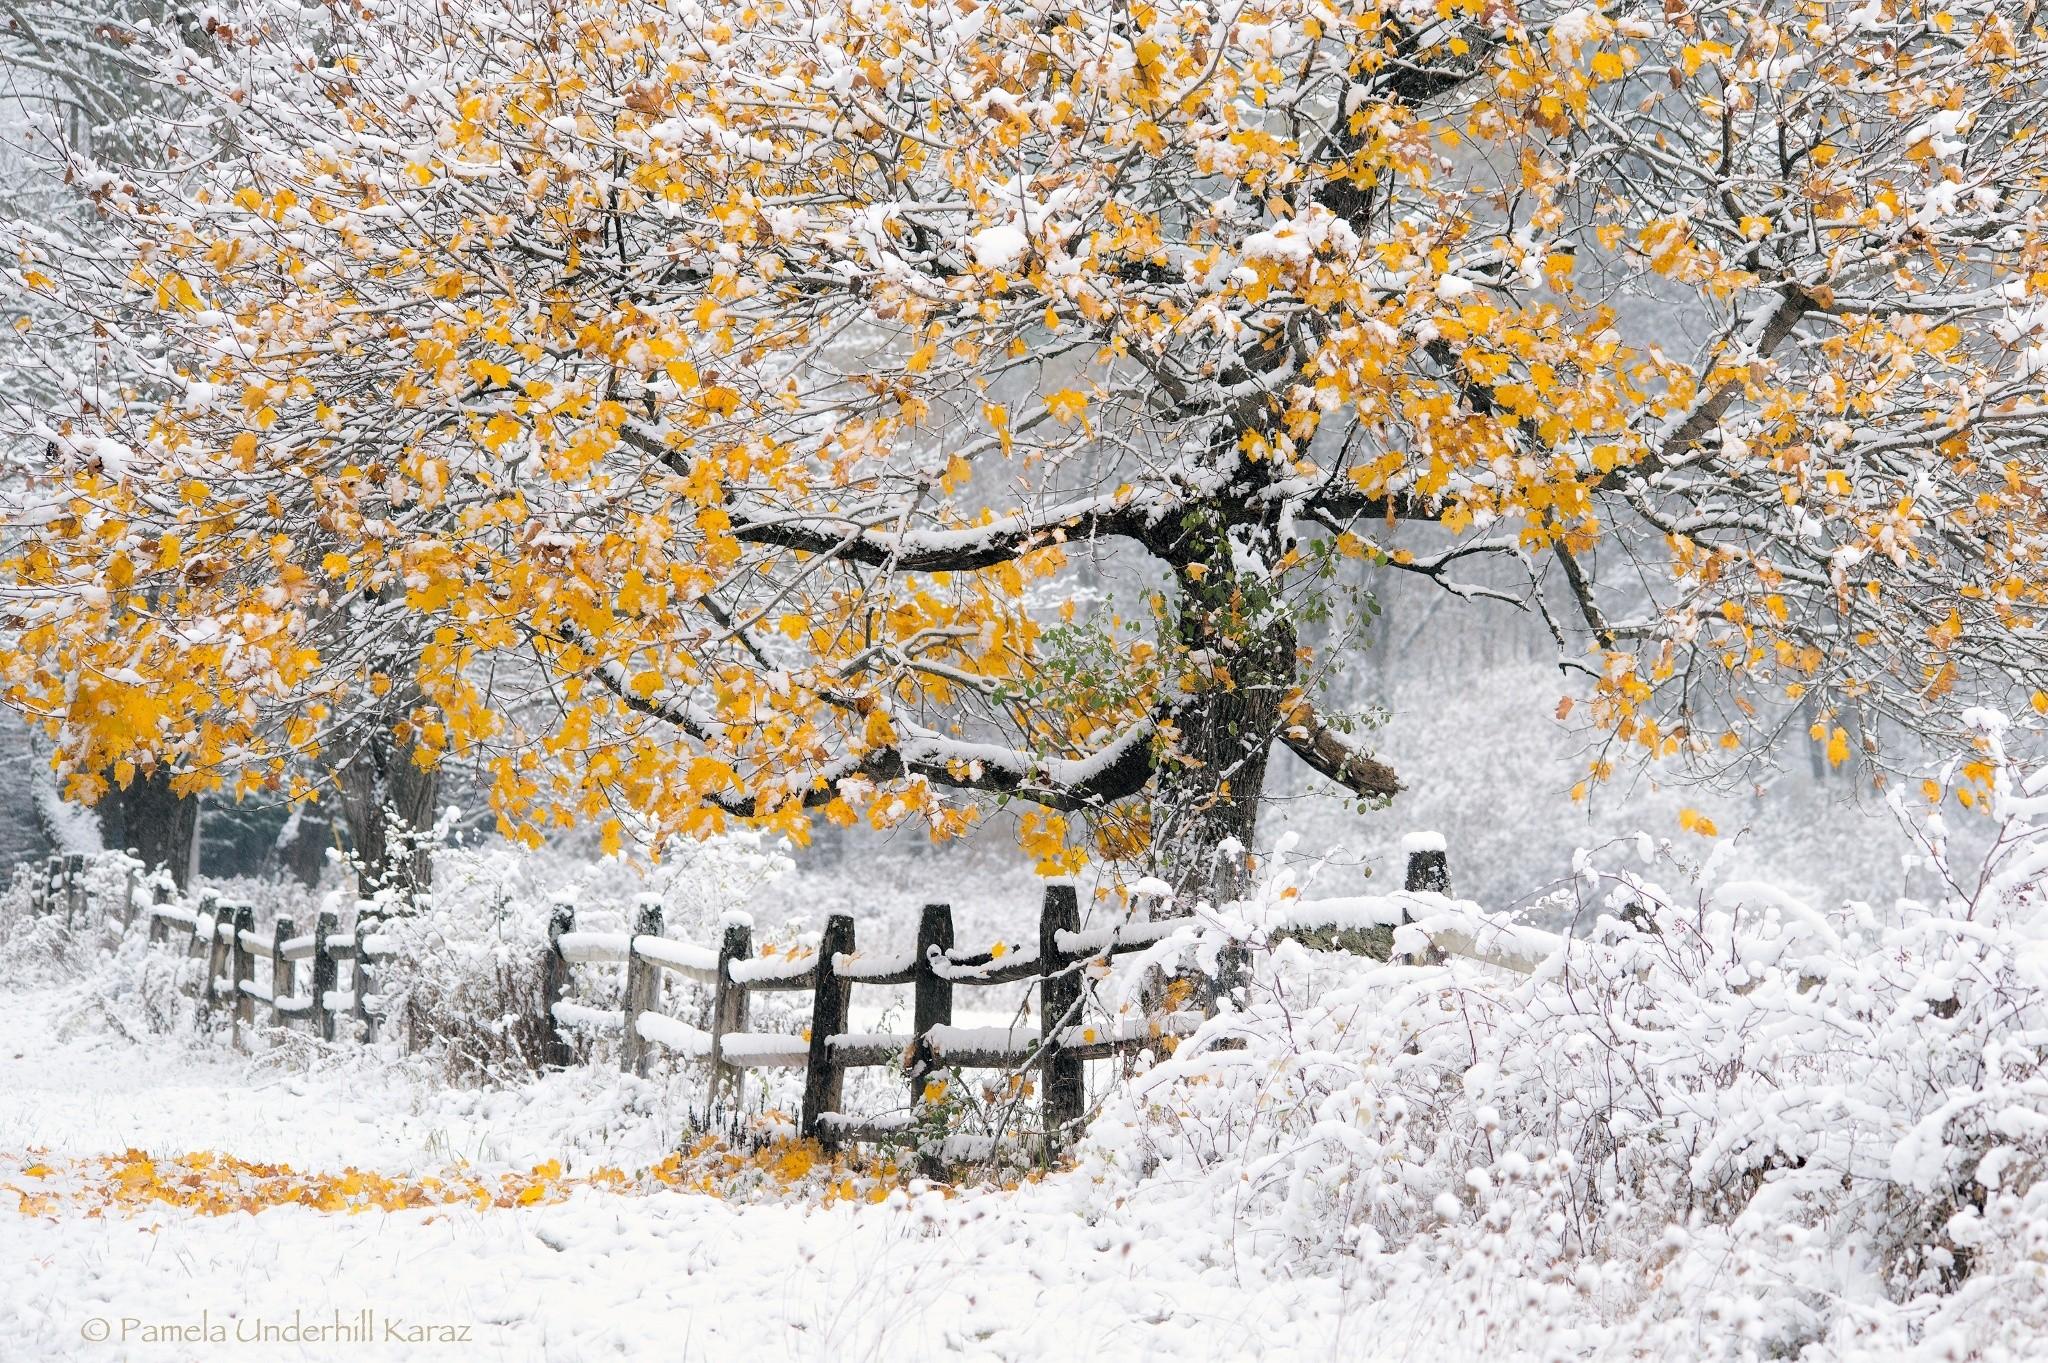 Картинки осень с первым снегом